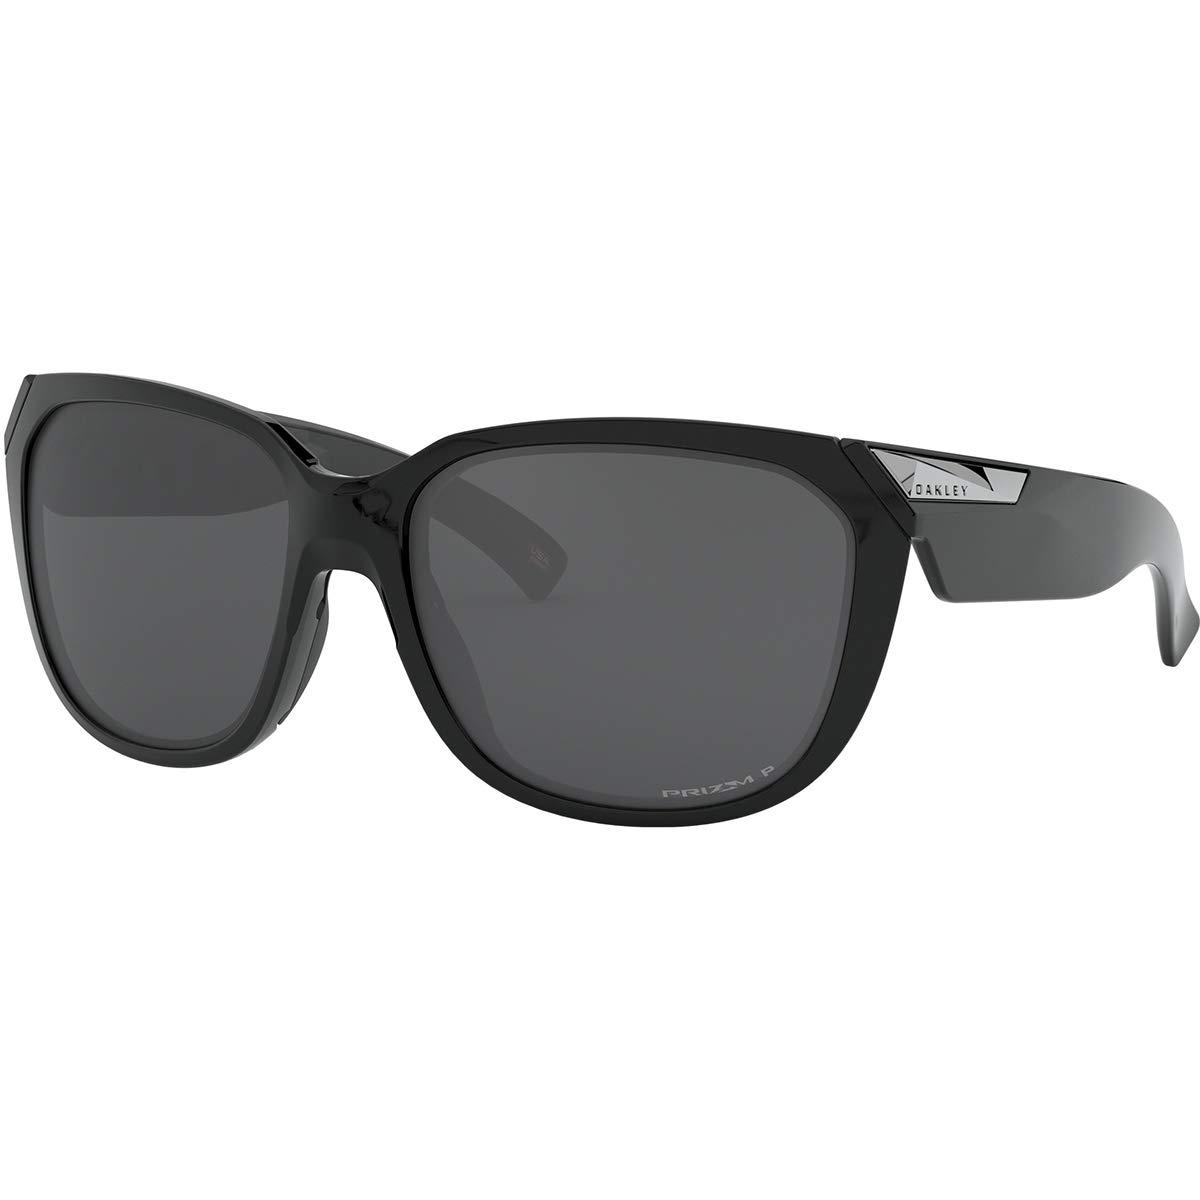 Oakley Rev Up Sunglasses,OS,Polished Black/Prizm Black Polarized by Oakley